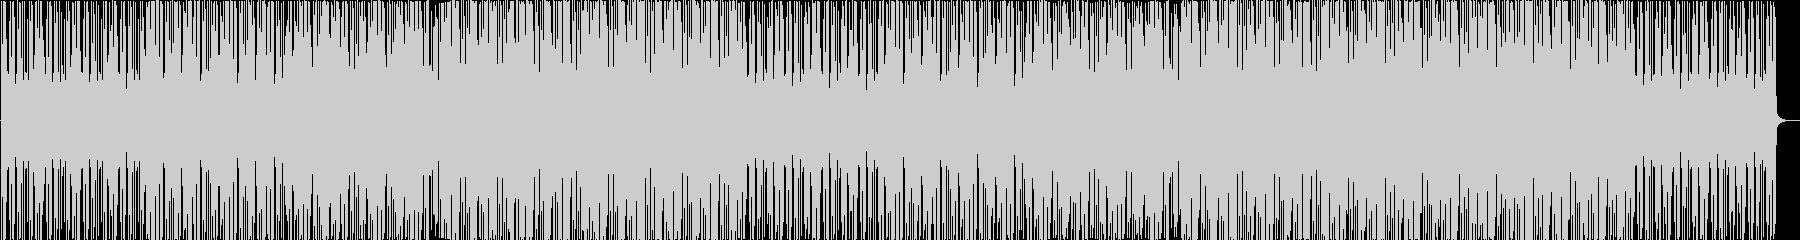 かわいい爽やか明るい疾走感テクノポップの未再生の波形